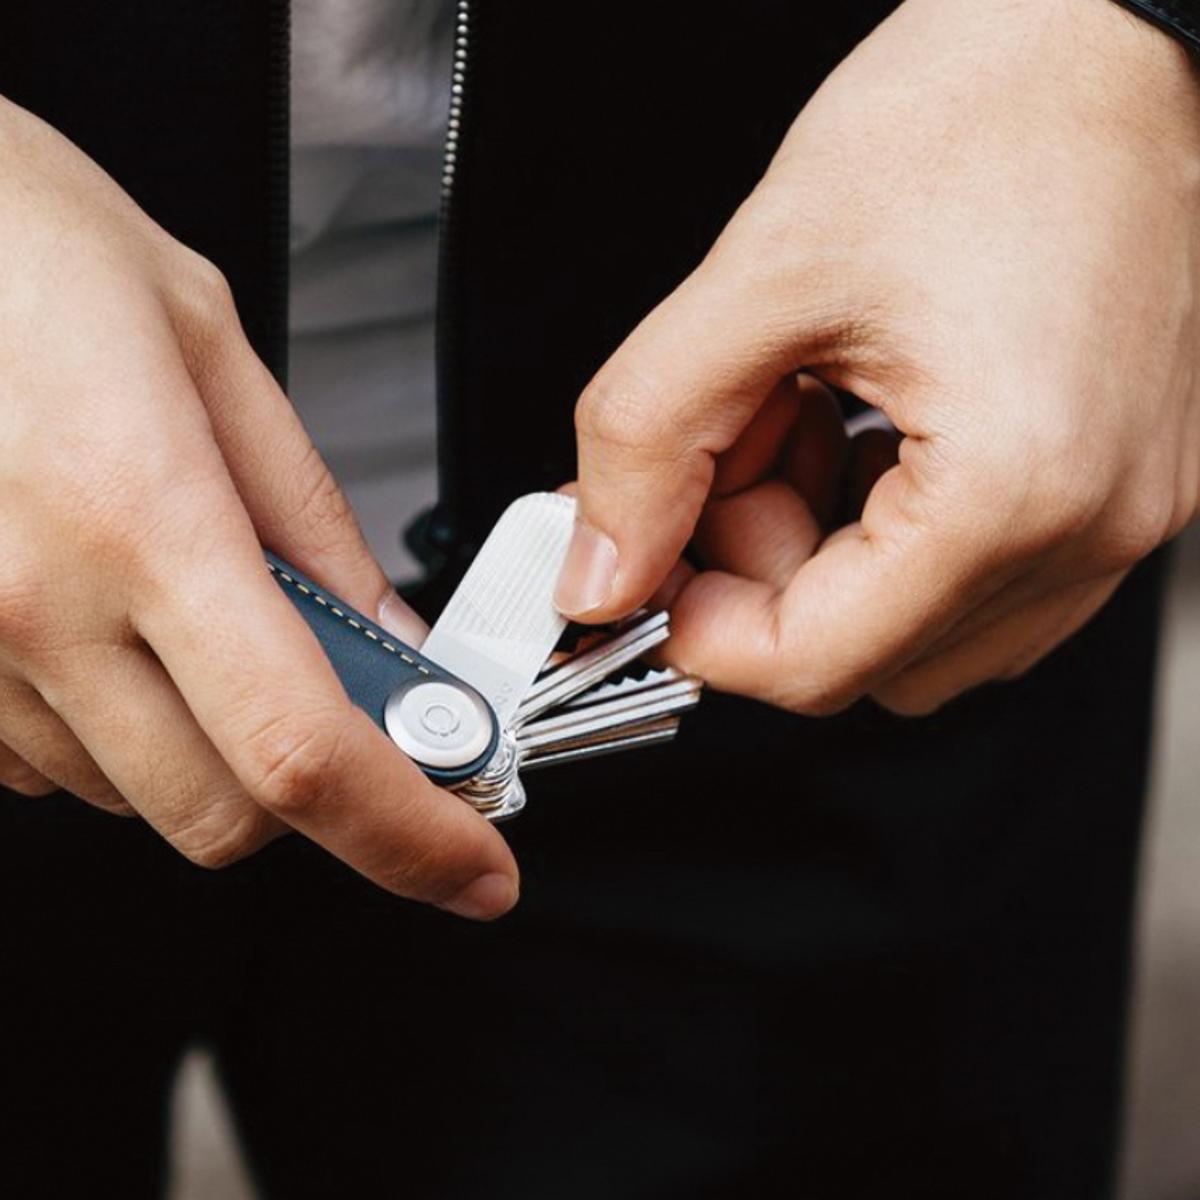 『鍵収納』をデザインする | もうドア前でも迷わないキーケース